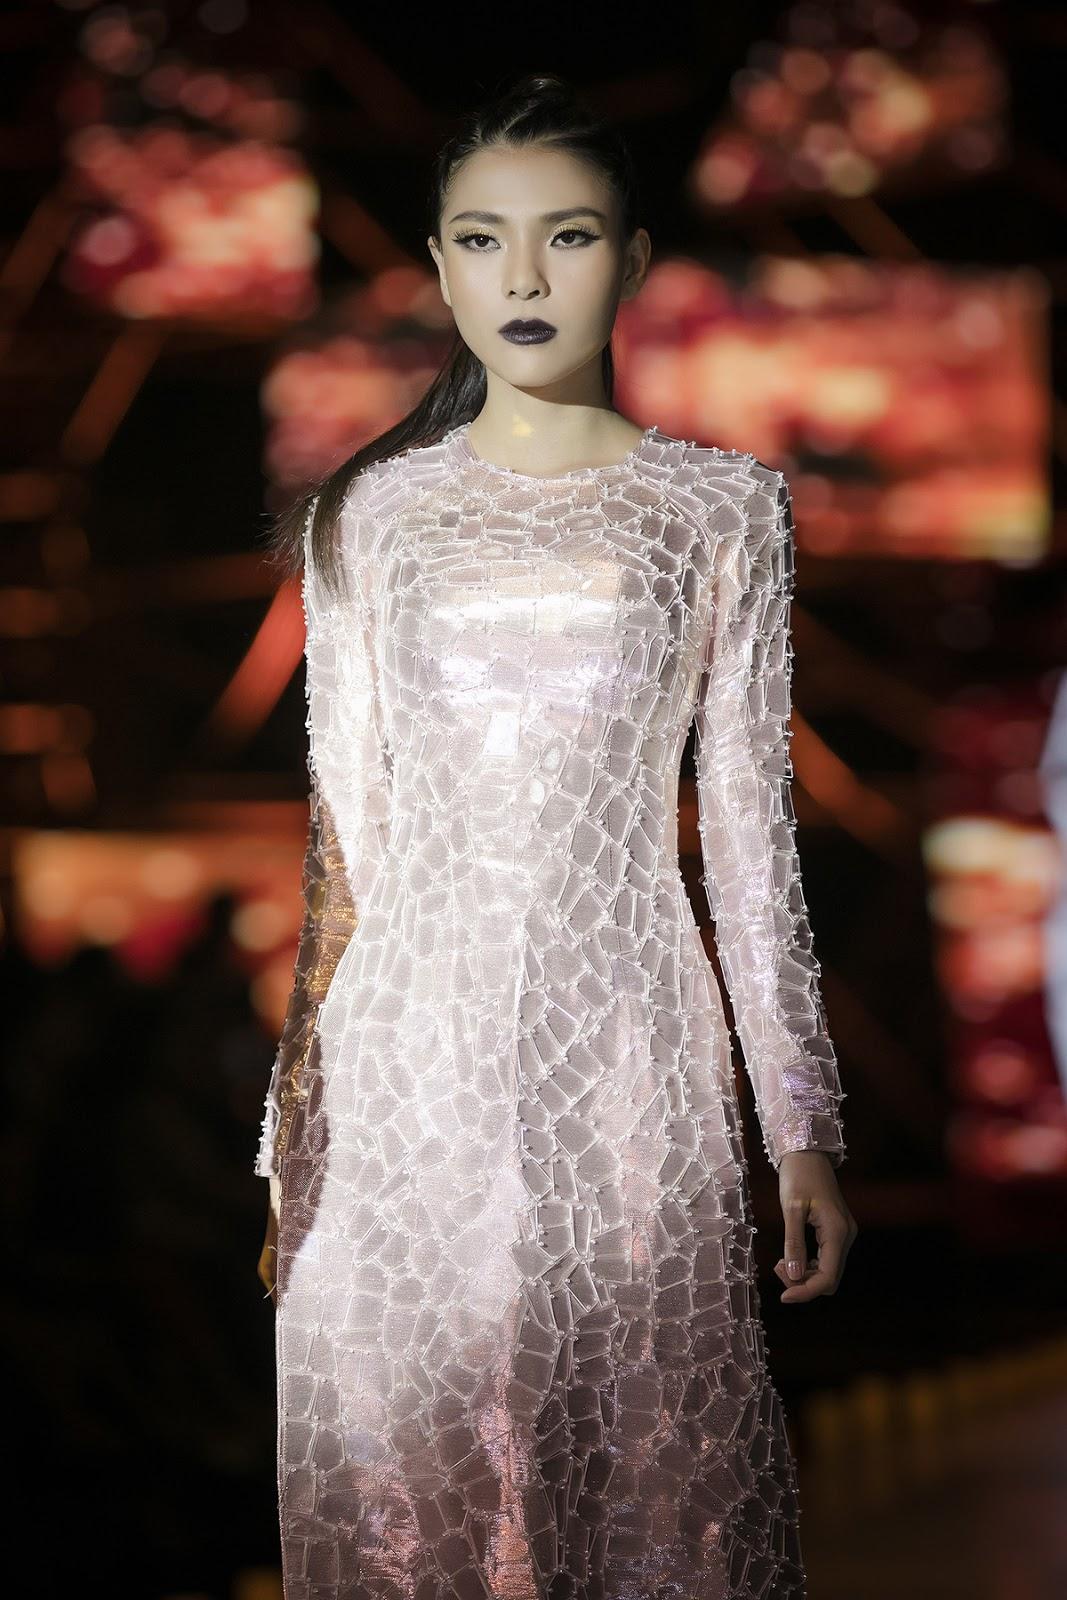 Vì vài phút catwalk, bà xã Lương Thế Thành sẵn sàng hoãn chuyến du lịch kỷ niệm 3 năm ngày cưới - Hình 6